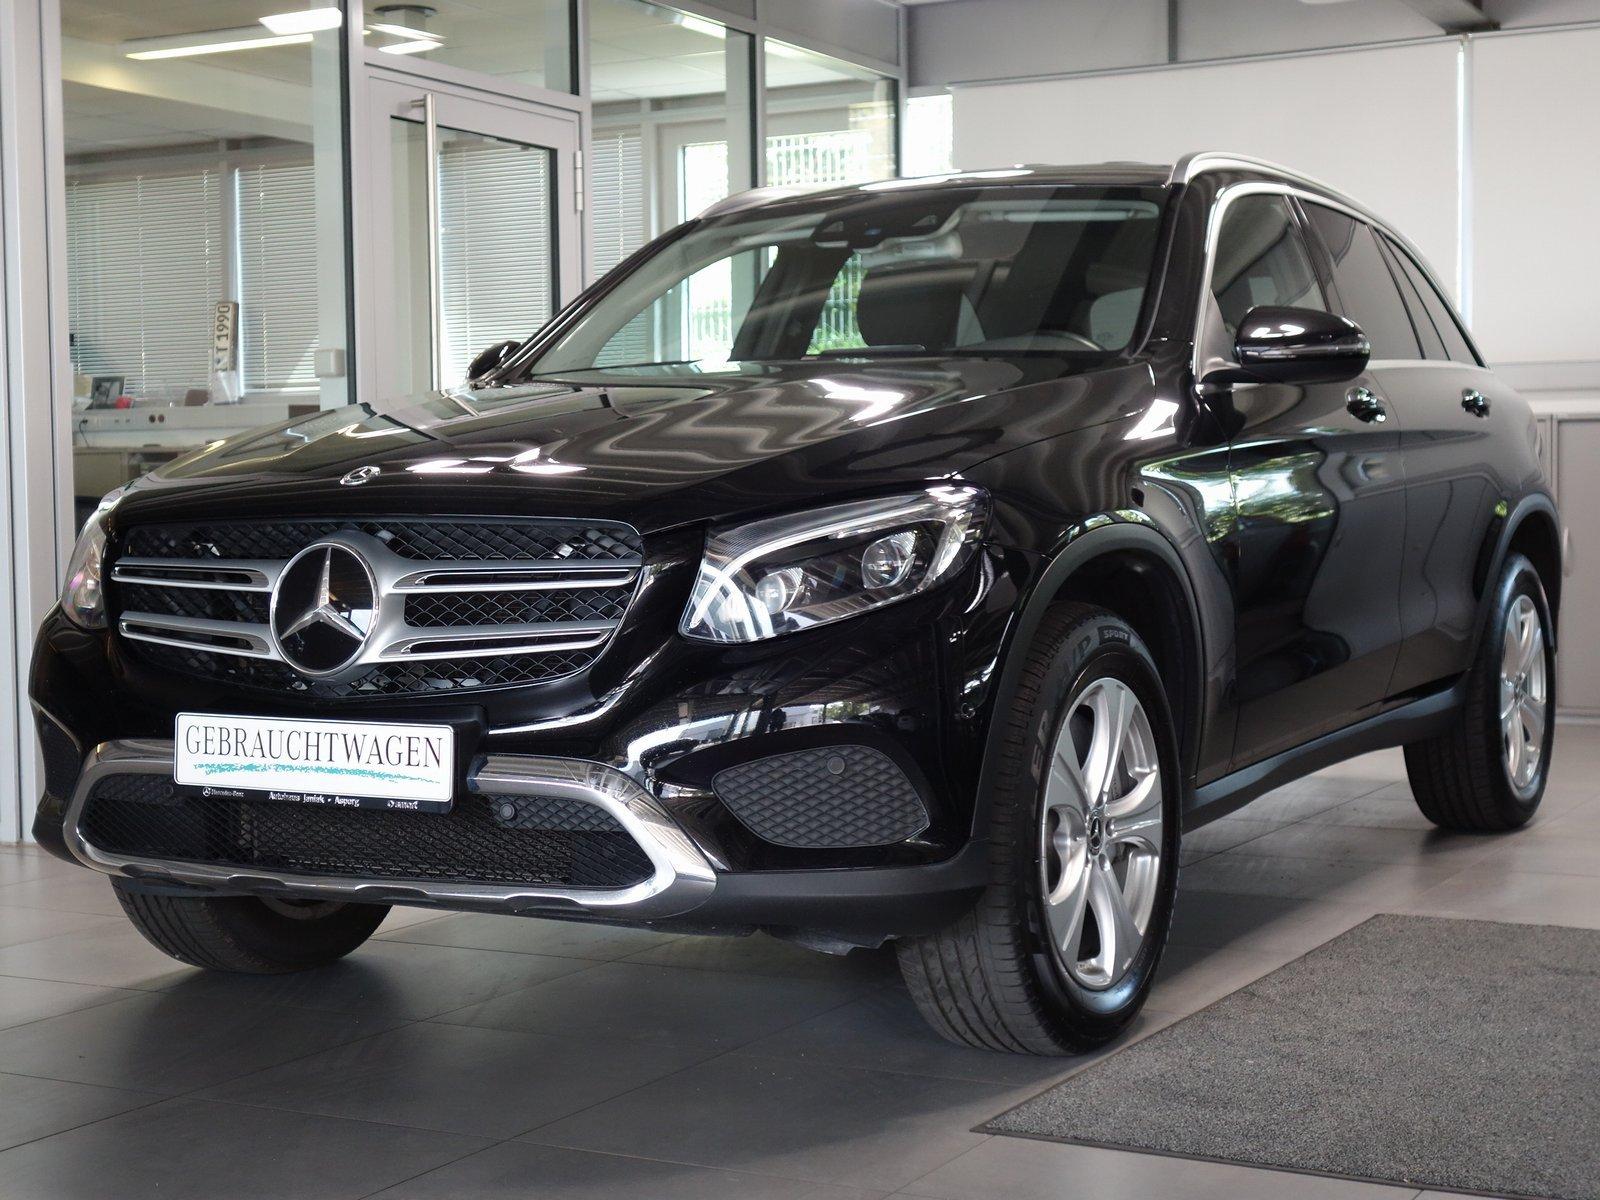 Mercedes-Benz GLC 250d 4M Exclusive Distronic Comand AHK LED, Jahr 2017, Diesel